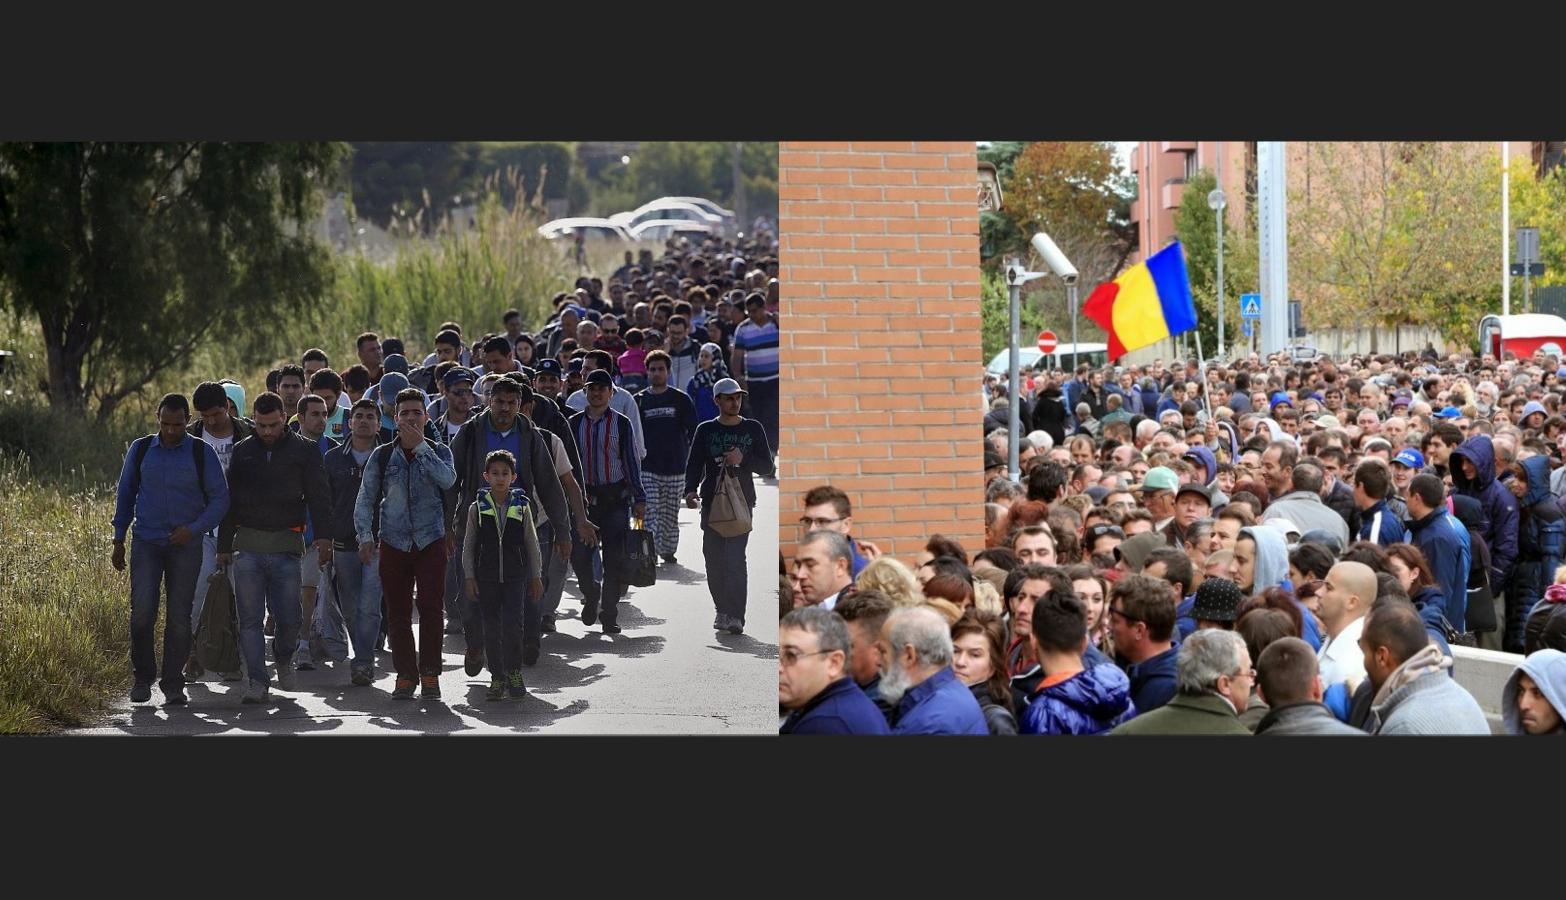 4 milioane de oameni au plecat din Siria din cauza ISIS. Tot 4 milioane au plecat și din România, din cauza guvernanților